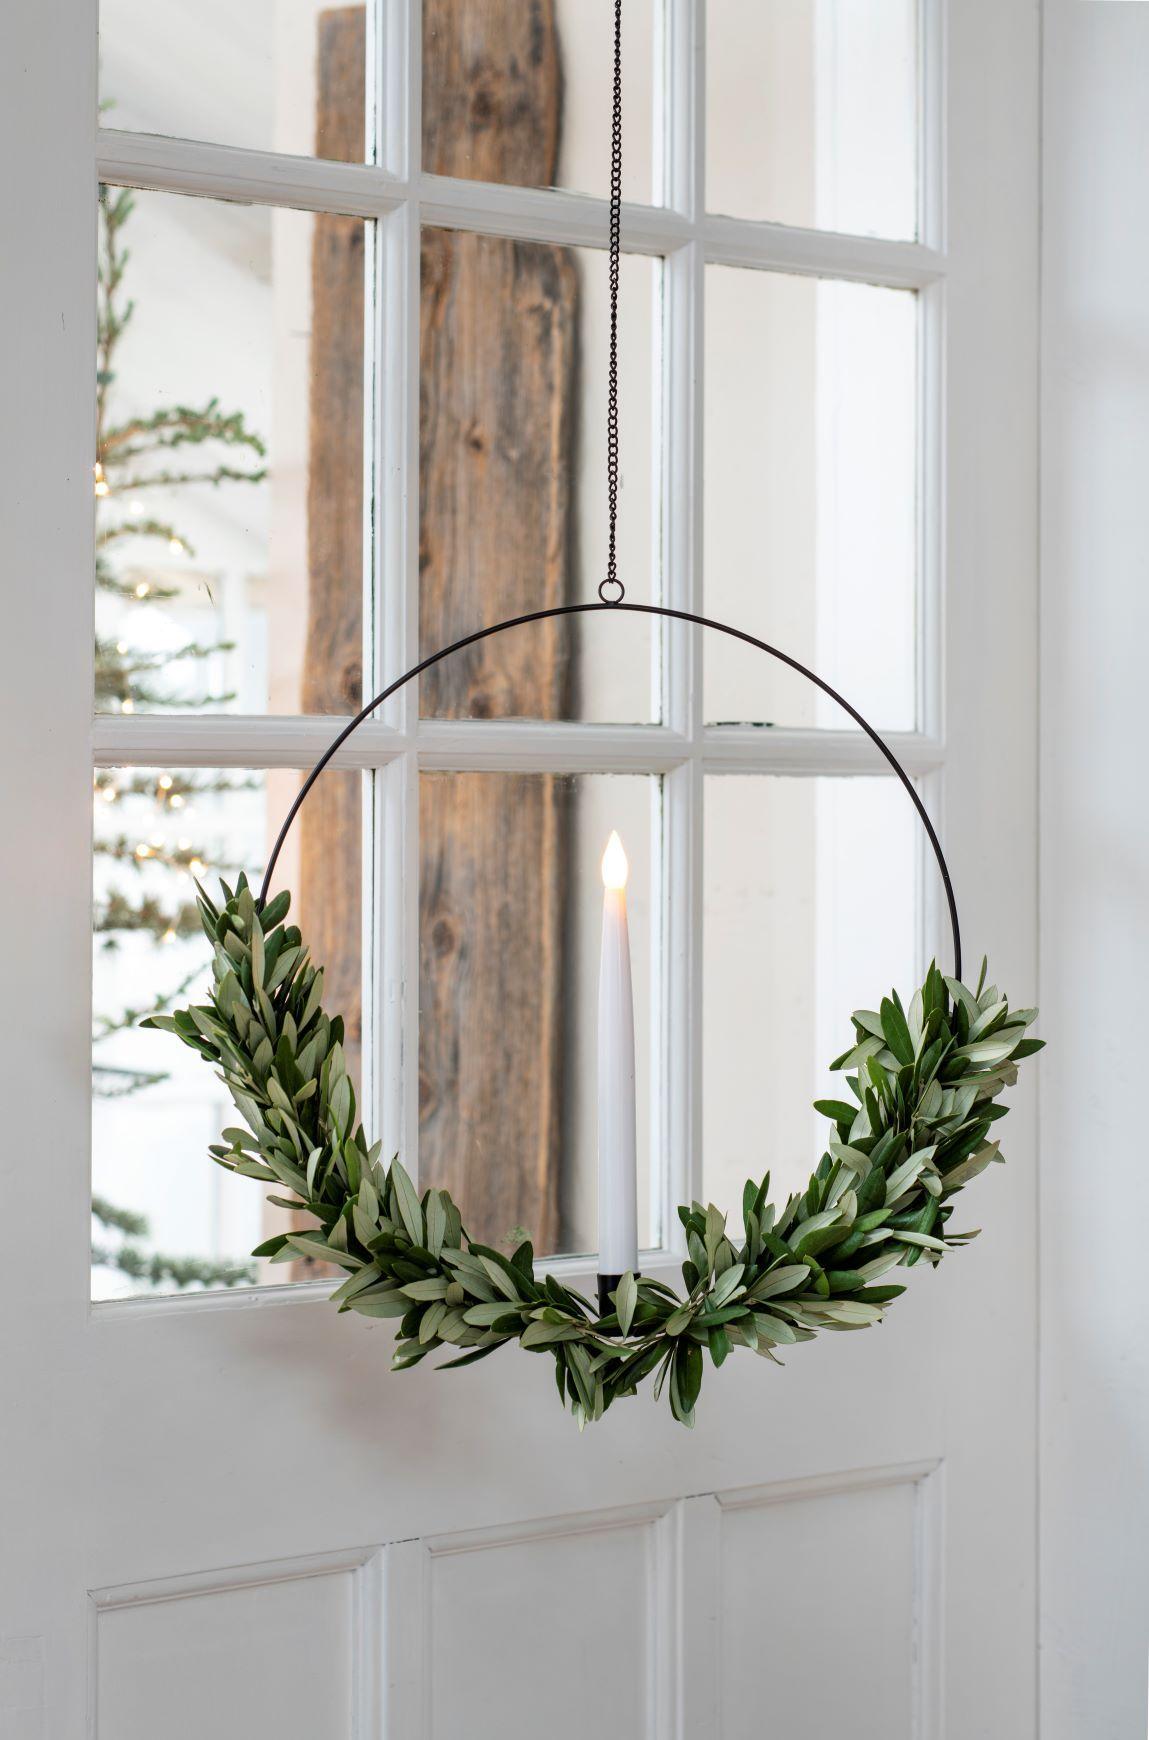 de vier nieuwe kerstthema's van Intratuin 2019 - LivingHip #kerstboomversieringen2019